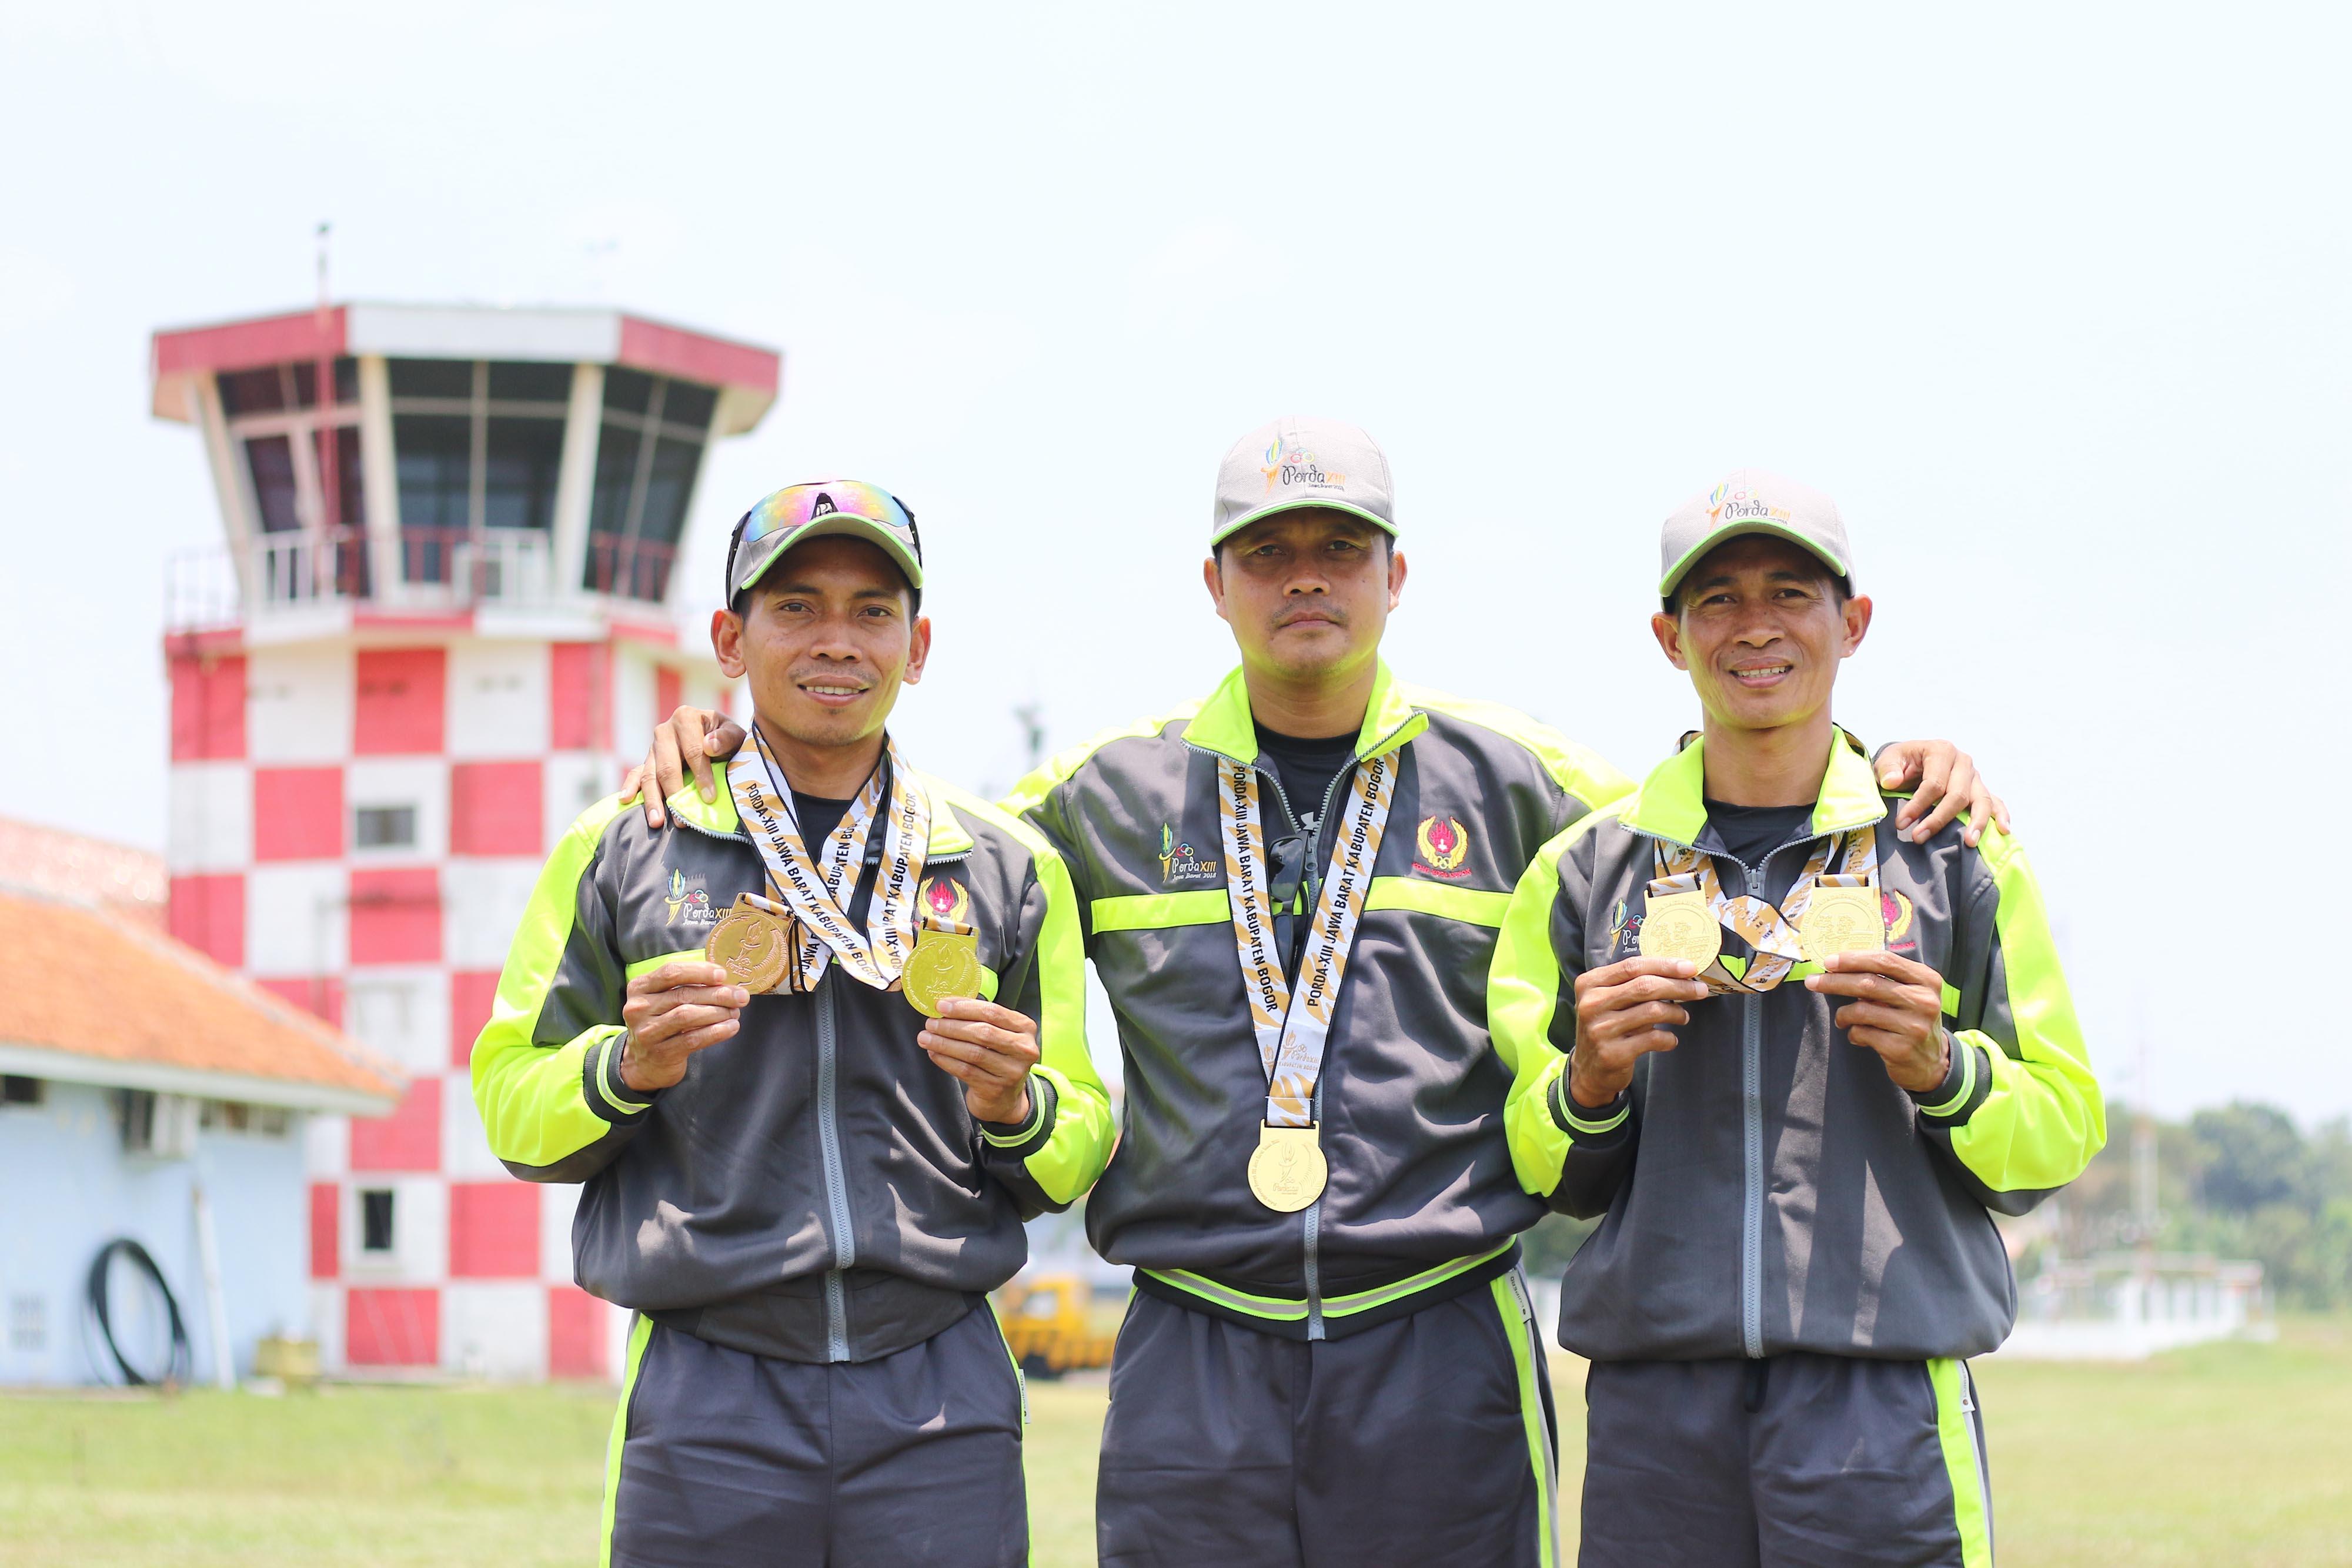 Atlet Terjun Payung Kota Depok, Arwis (kanan), Pepen (tengah) dan Ismail Doda (kiri) berpose bersama dengan medali emas yang berhasil mereka raih di nomor Ketepatan Beregu Putra PORDA JABAR XIII-2018 di Lanud. Atang Sendjaja, Semplak, Bogor pada Sabtu (29/9) siang. KONI KOTA DEPOK/Faruqi/2018